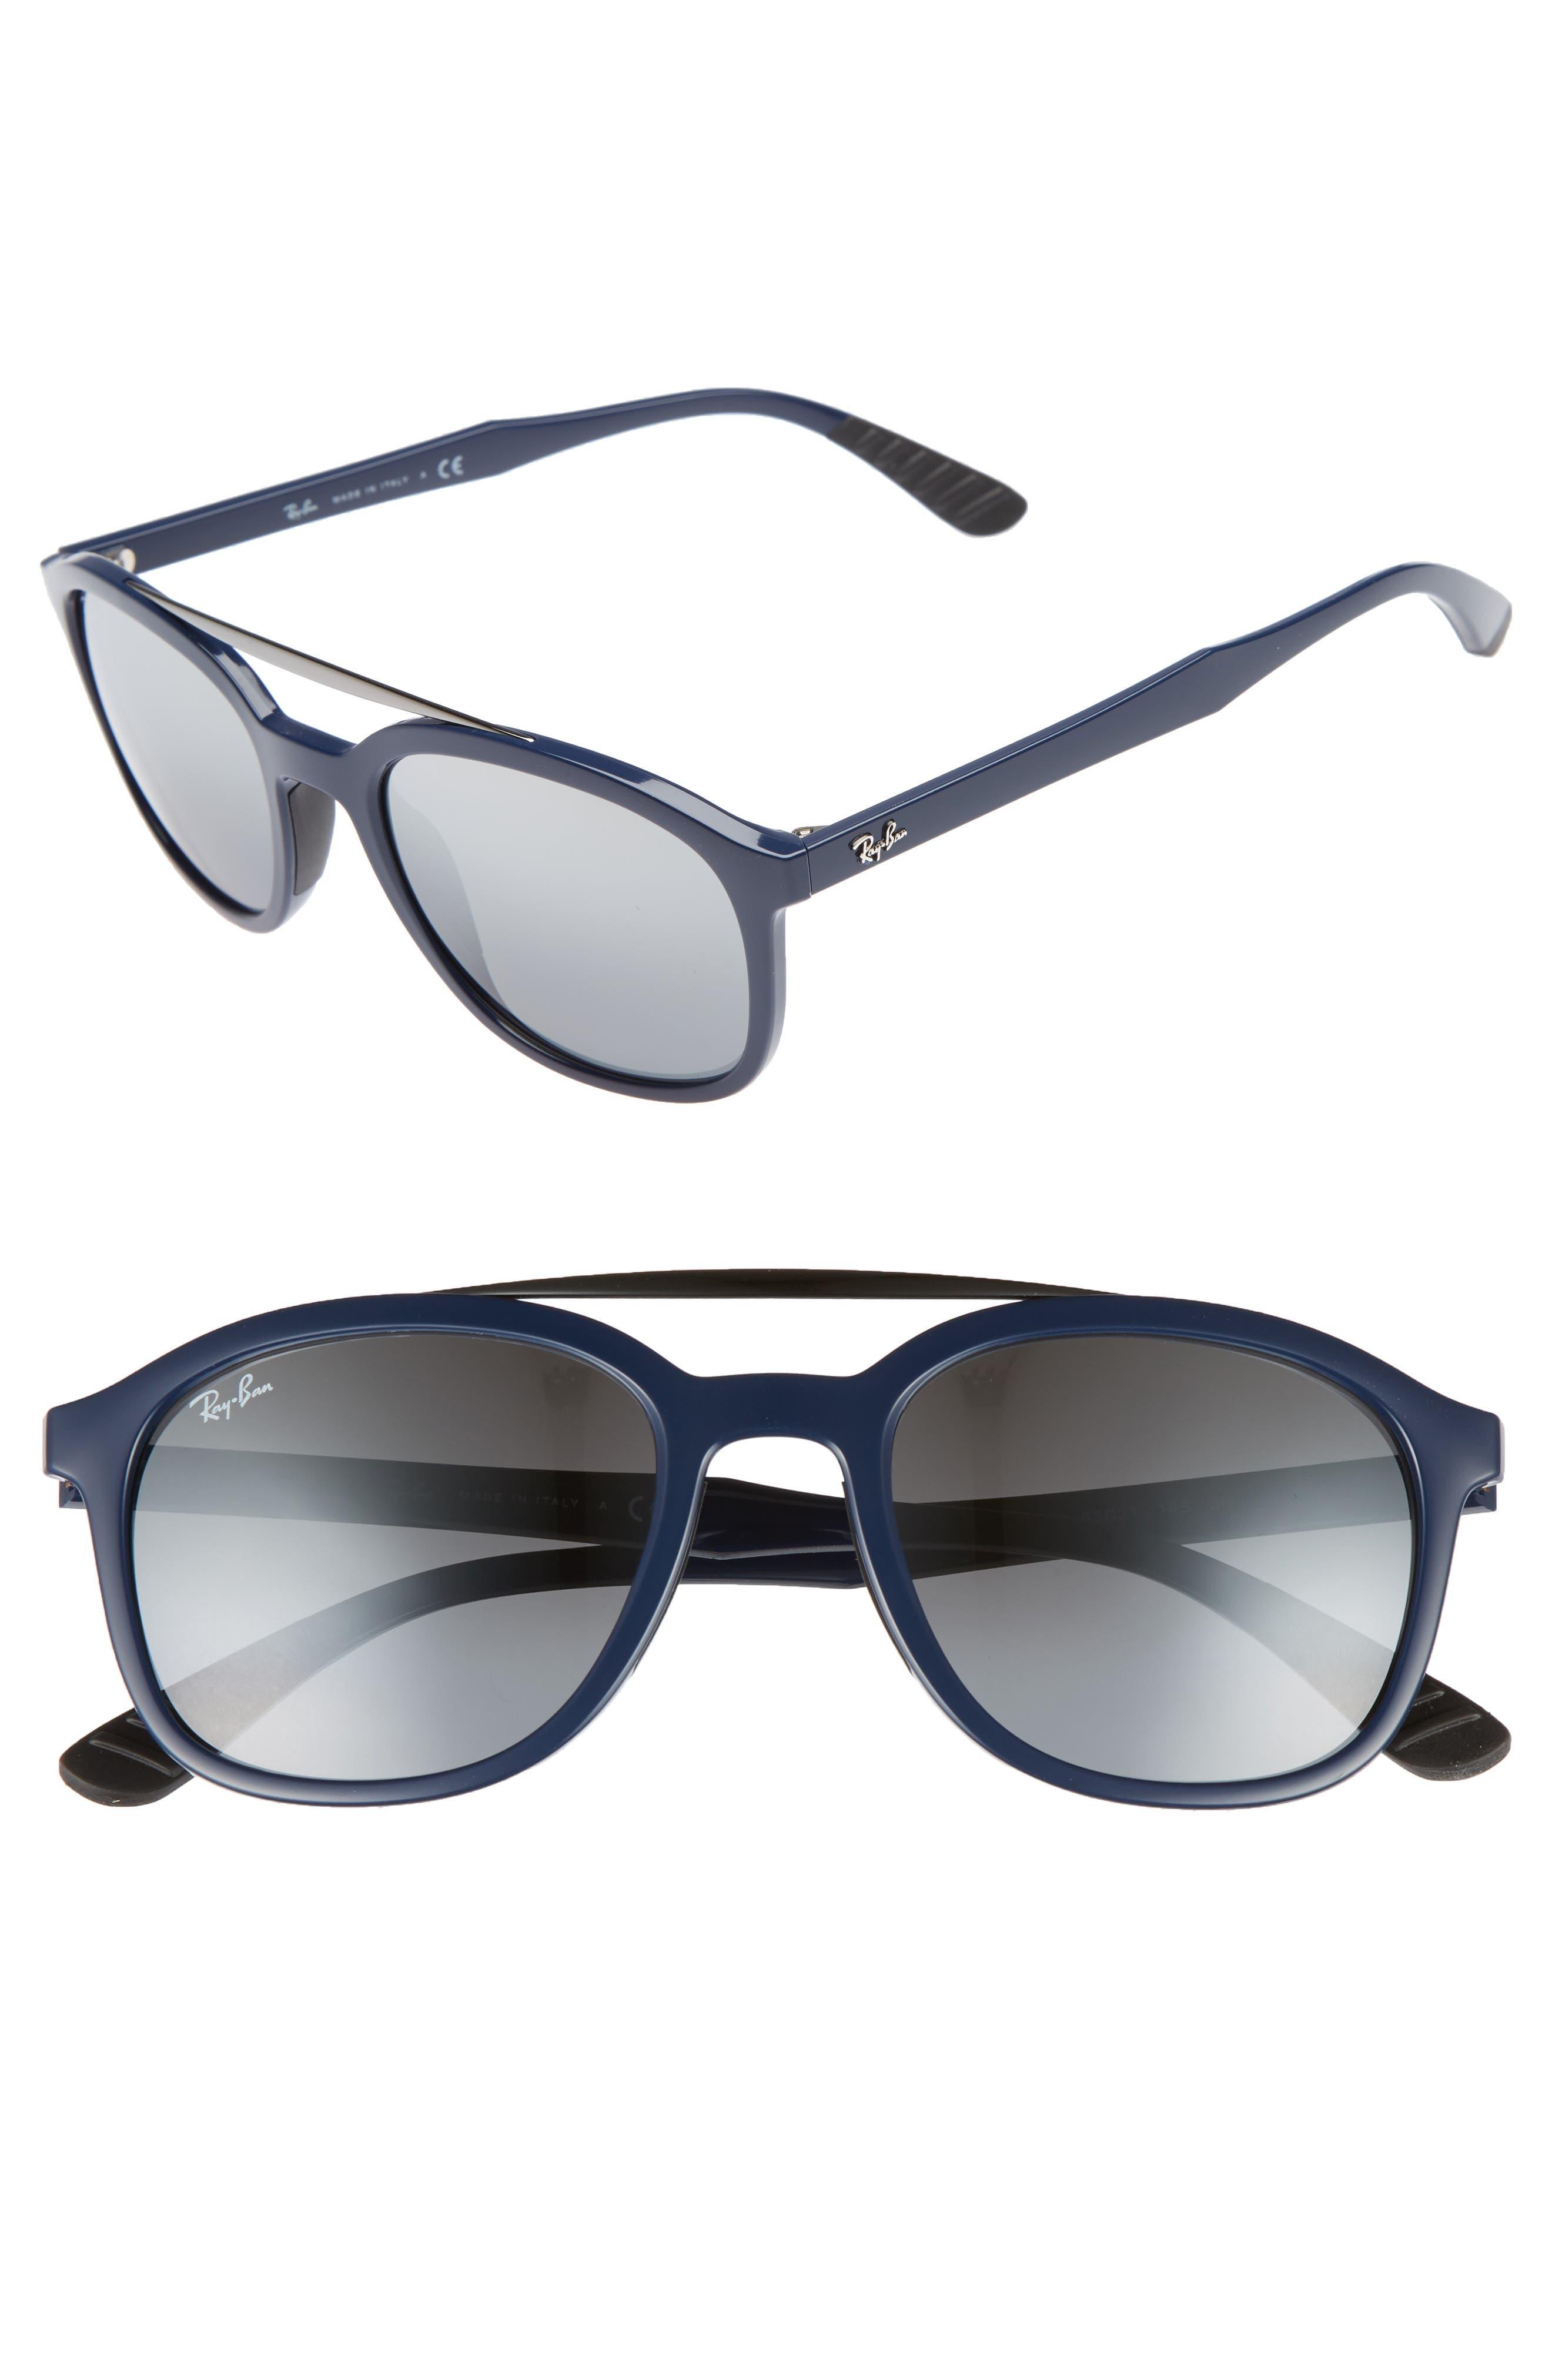 Active Lifestyle 53mm Sunglasses,                             Main thumbnail 1, color,                             Blue